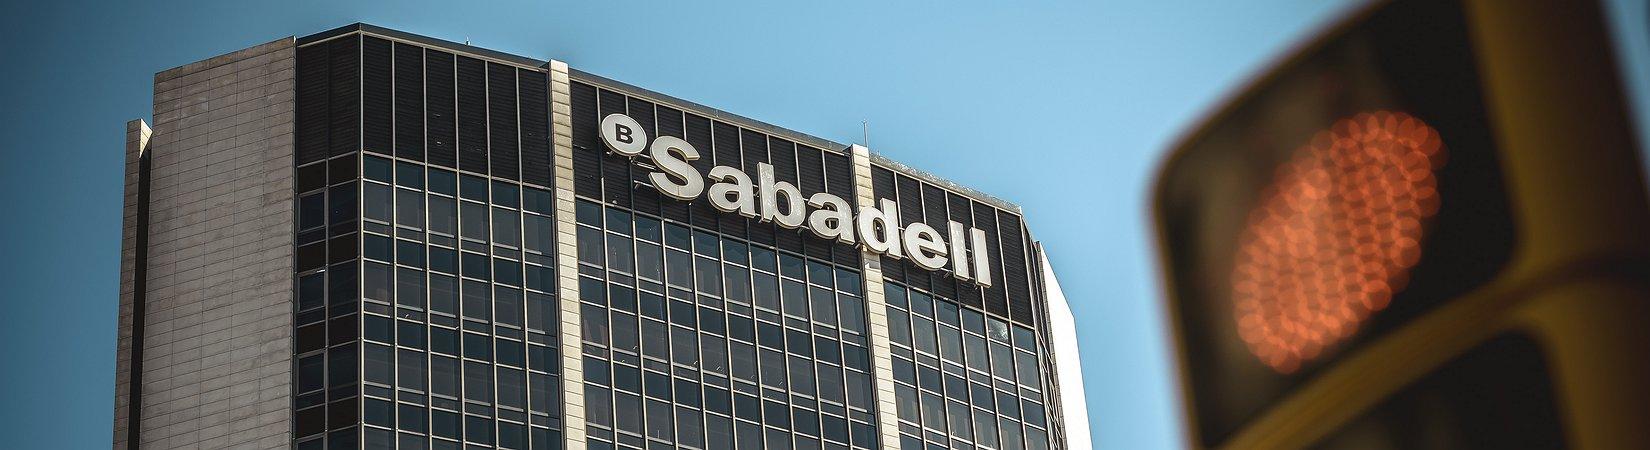 Los principales bancos abandonan Cataluña